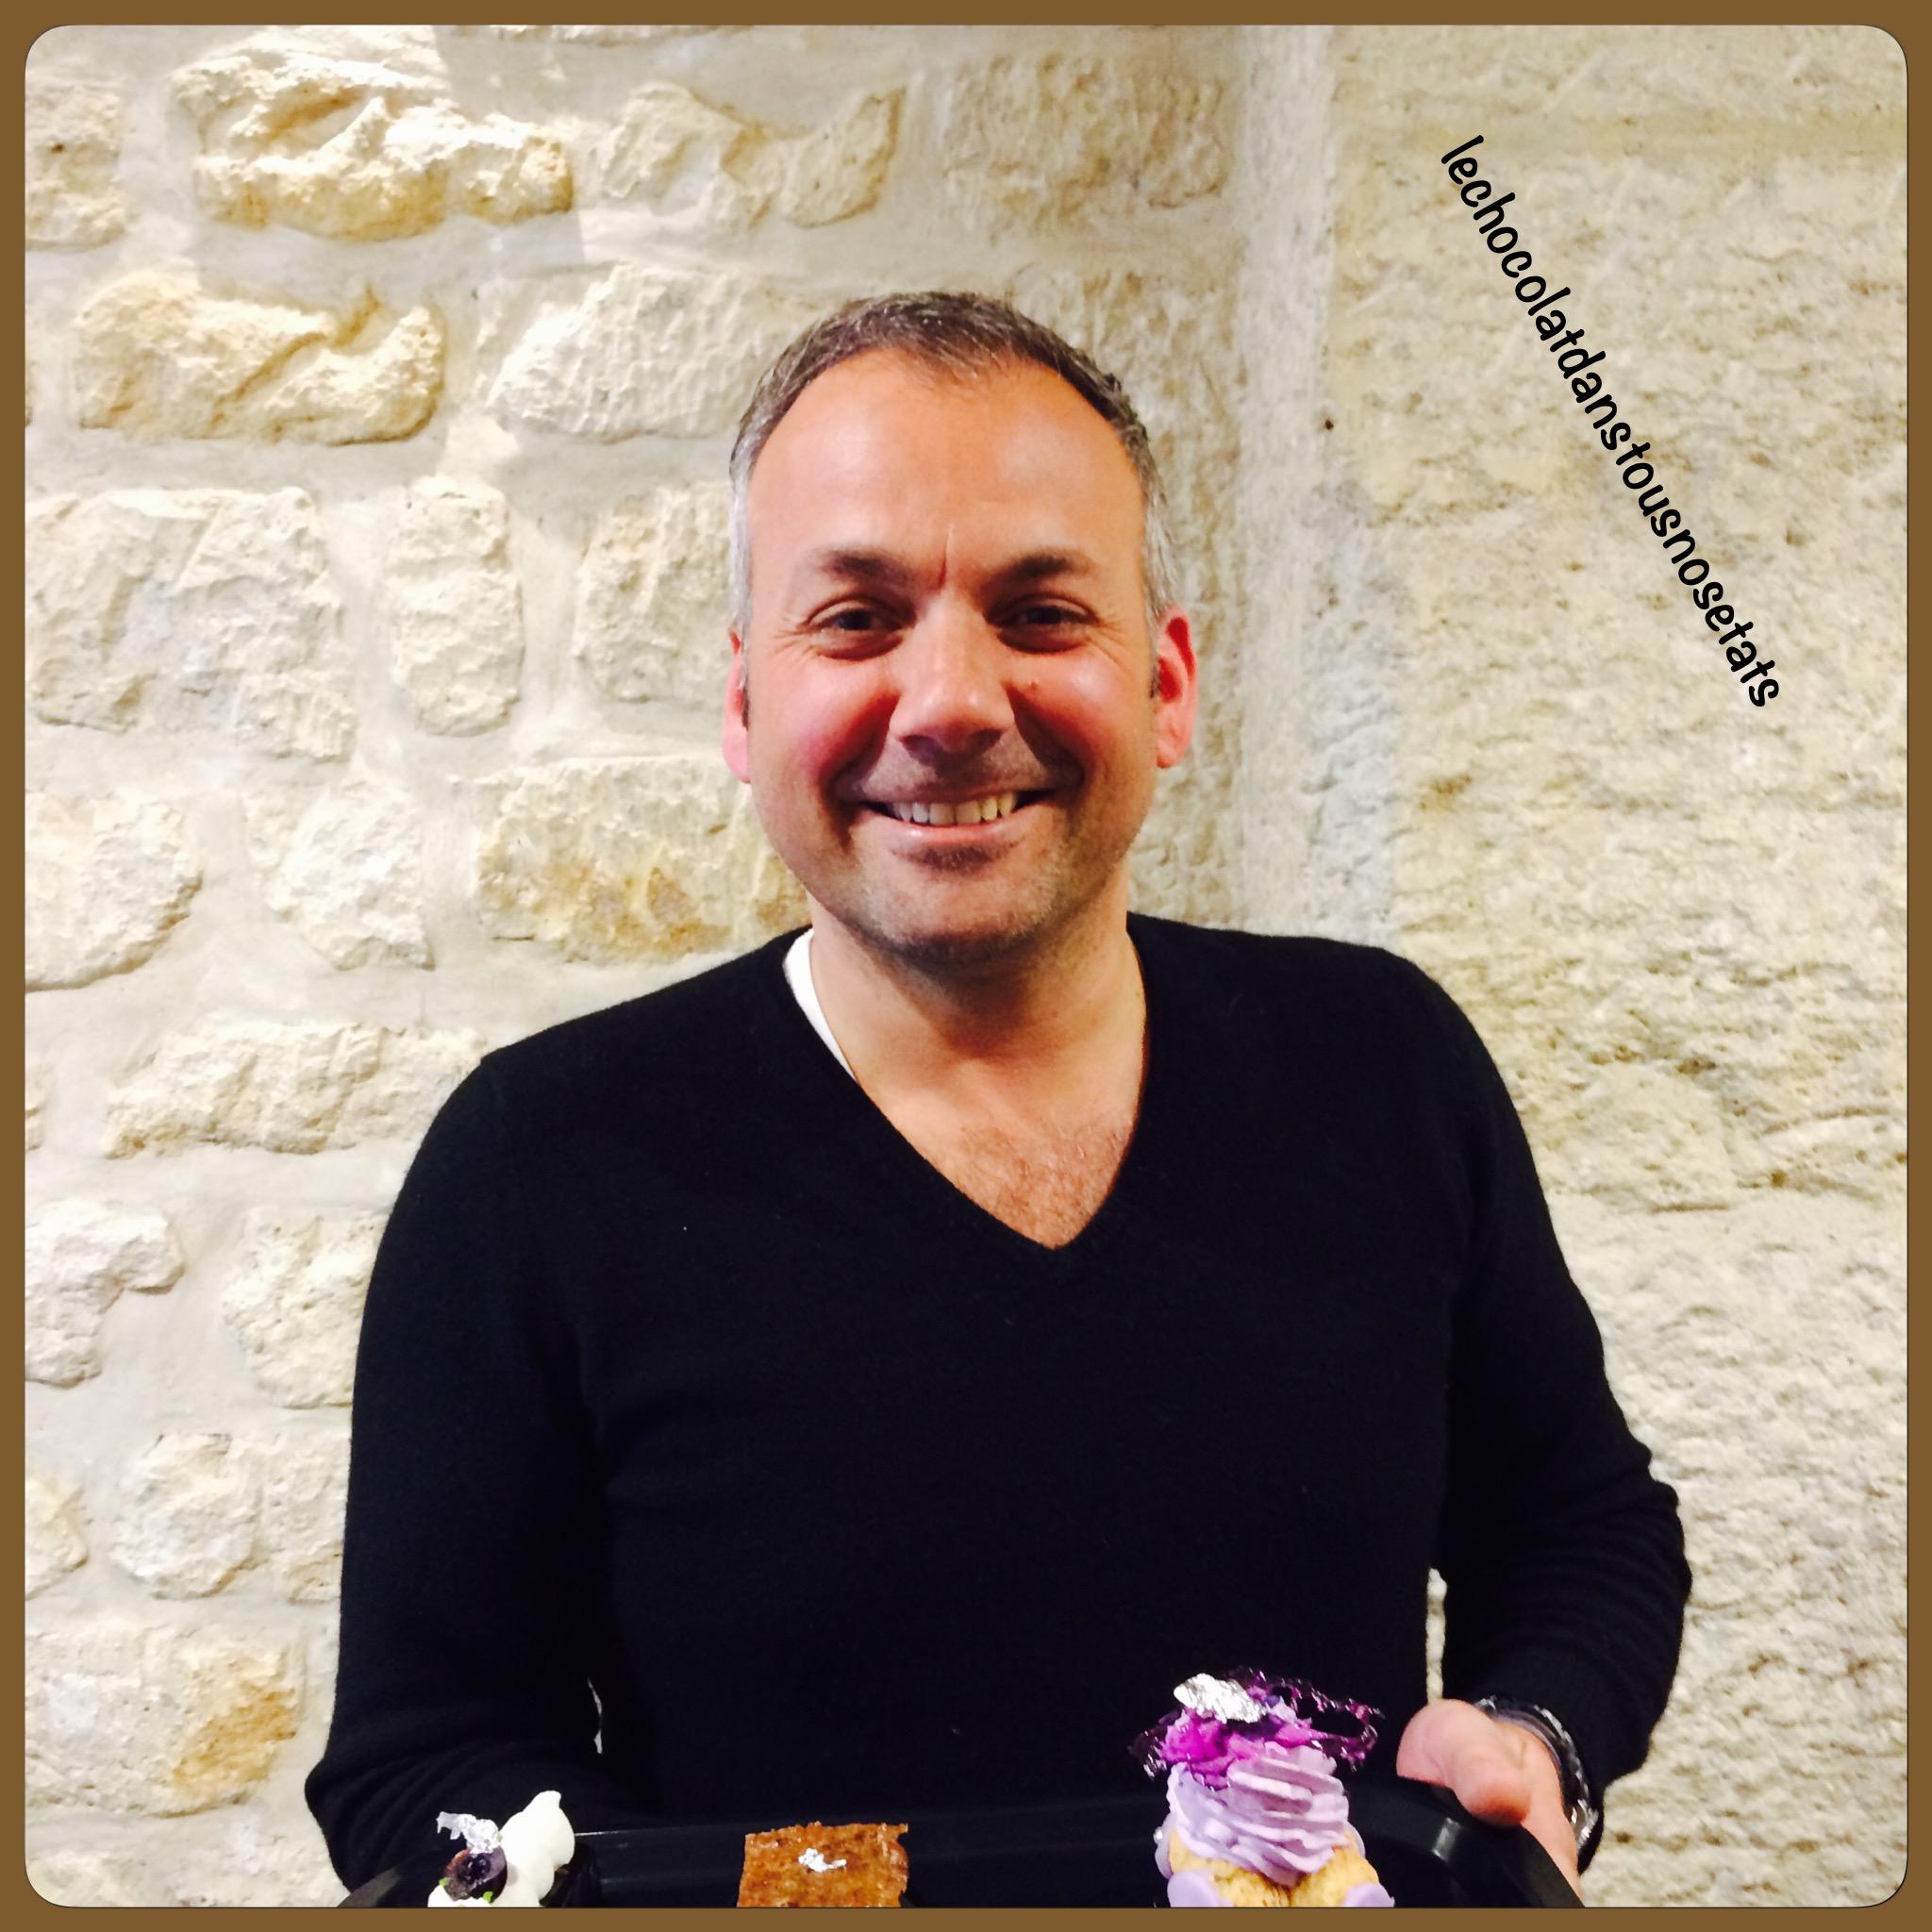 Rencontre avec un Chef talentueux et humaniste, Carl MARLETTI, Paris